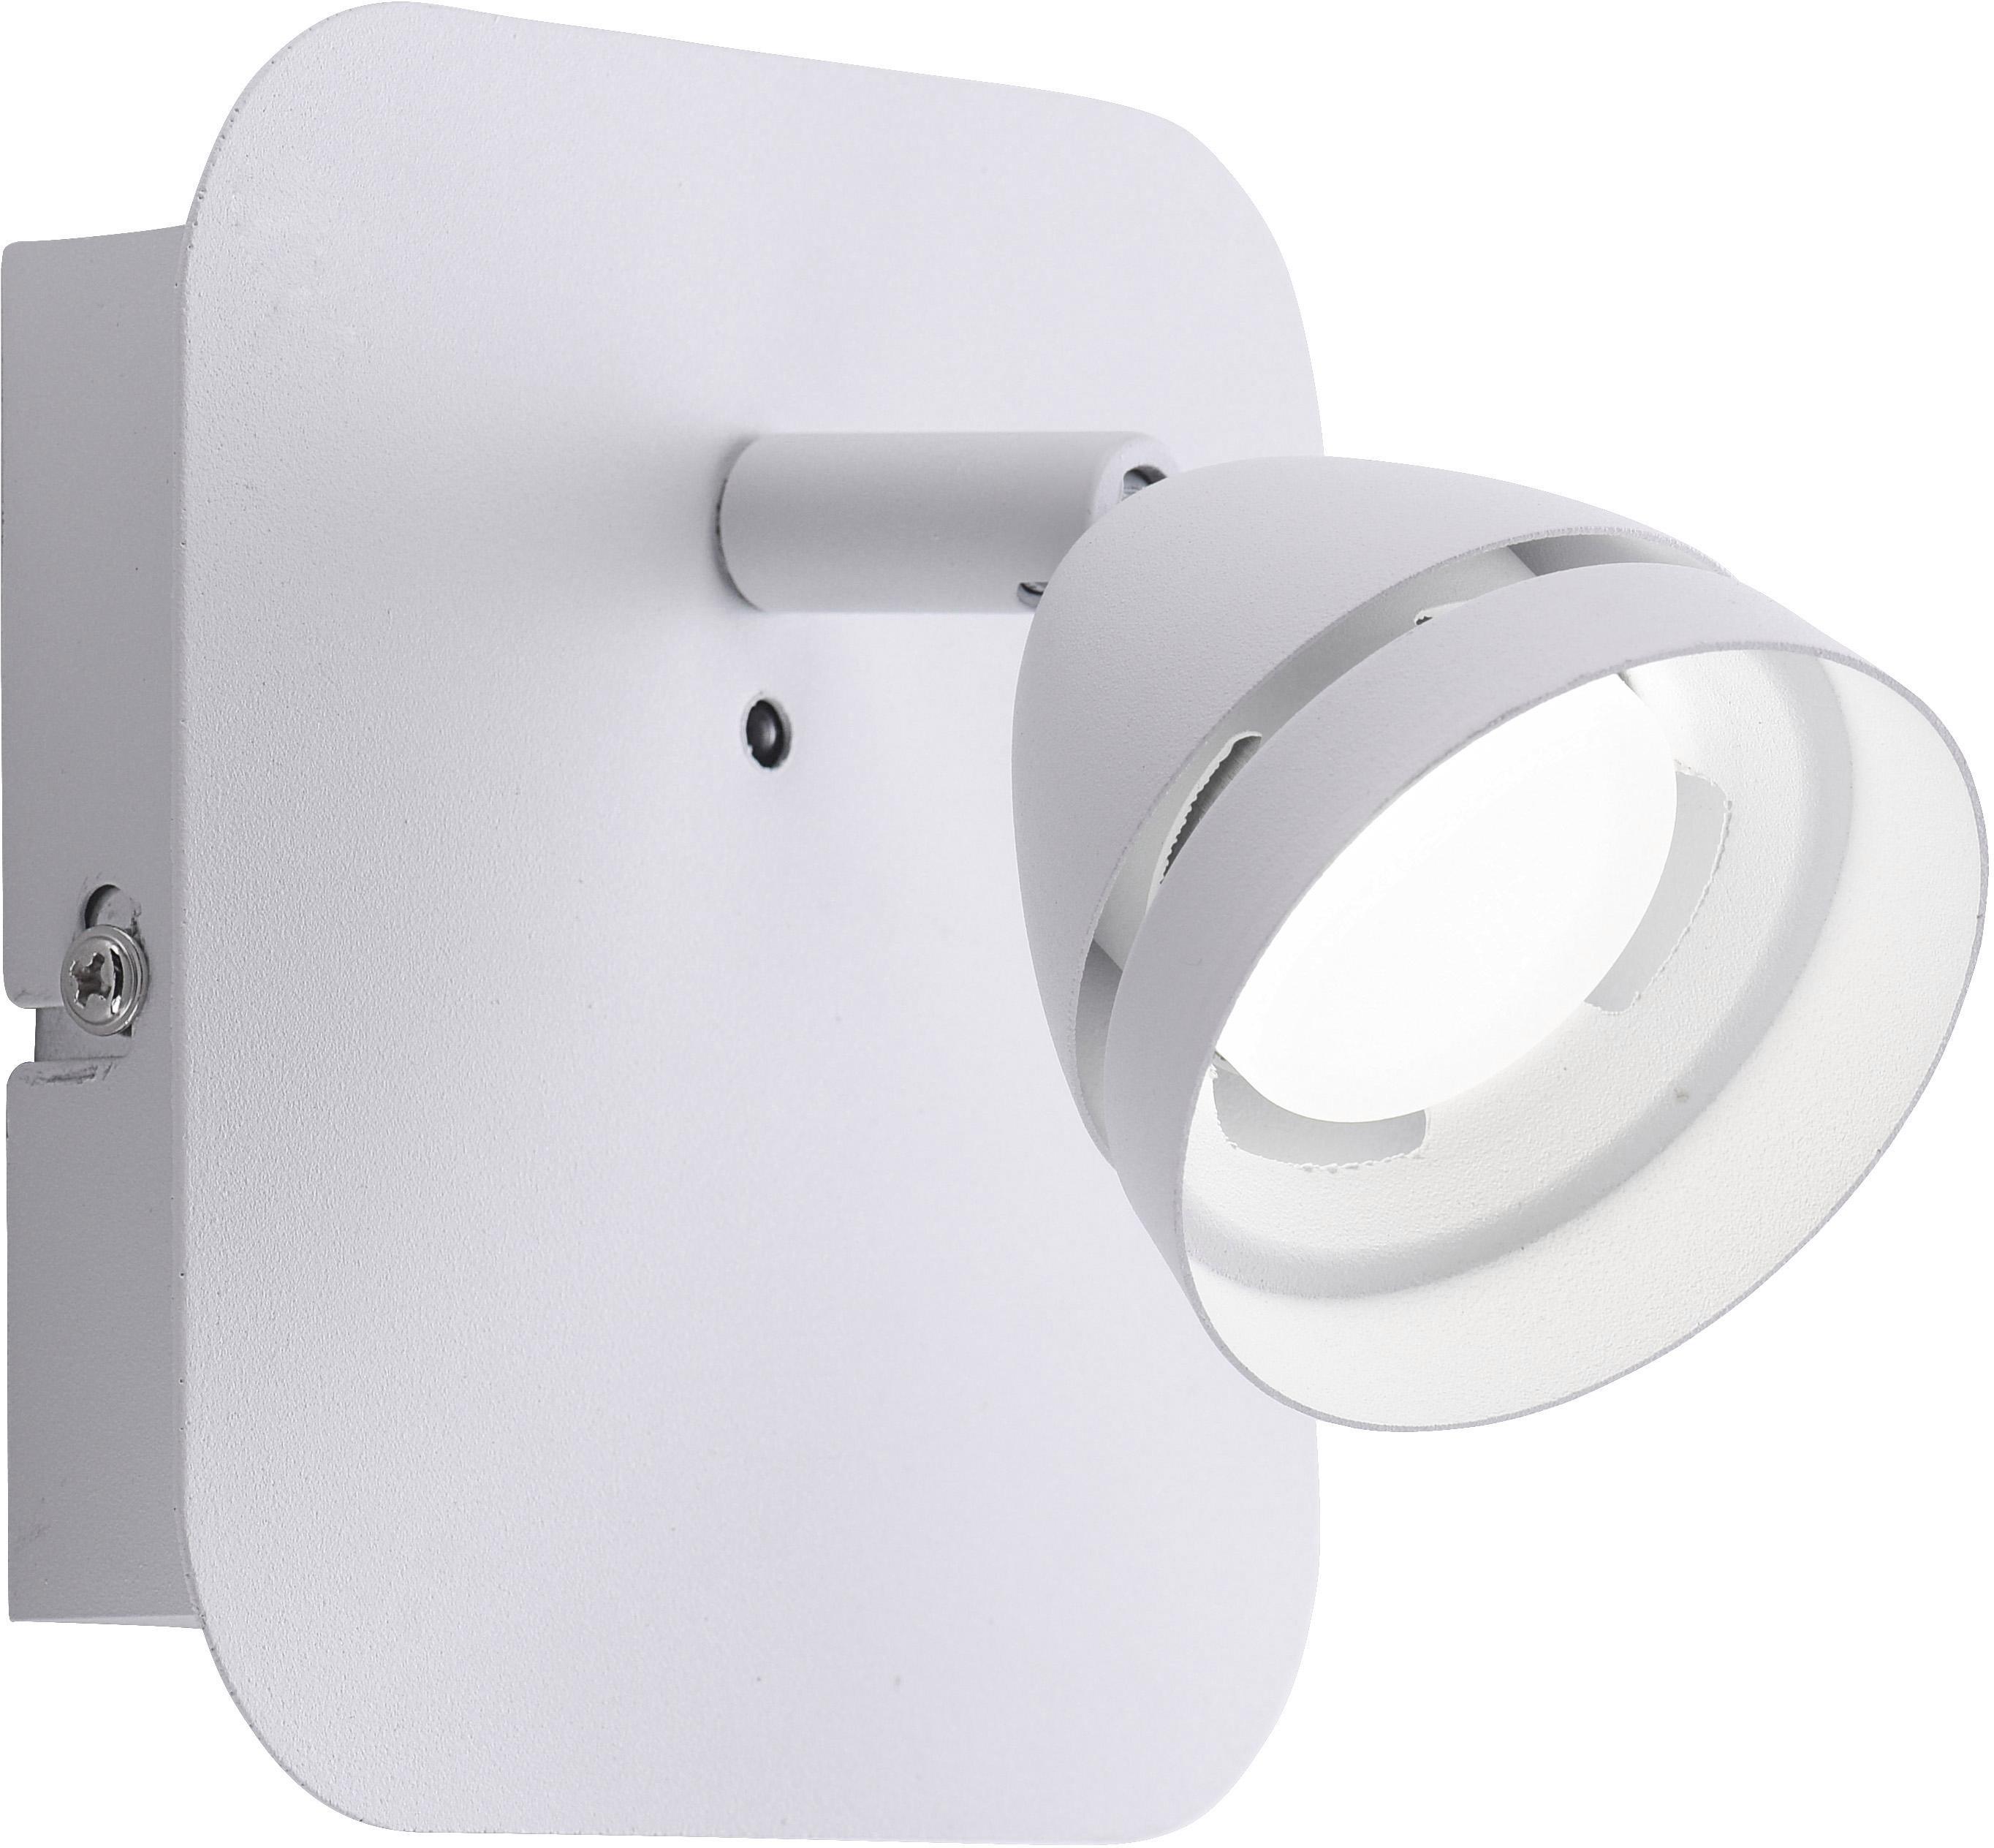 TRIO Leuchten LED Wandleuchte GEMINI, LED-Board, Warmweiß-Neutralweiß, Mit WiZ-Technologie für eine moderne Smart Home Lösung